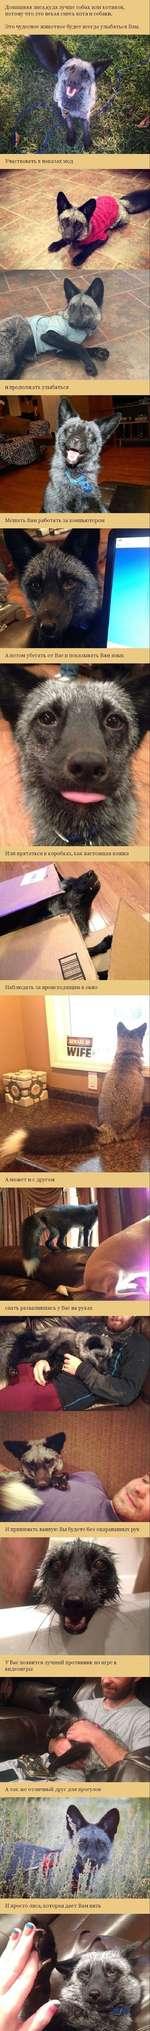 Домашняя лиса,куда лучше собак или котиков, потому что это некая смесь кота и собаки. Это чудесное животное будет всегда улыбаться Вам. Участвовать в показах мод и продолжать улыбаться Мешать Вам работать за компьютером А потом убегать от Вас и показывать Вам язык Или прятаться в коробках, ка